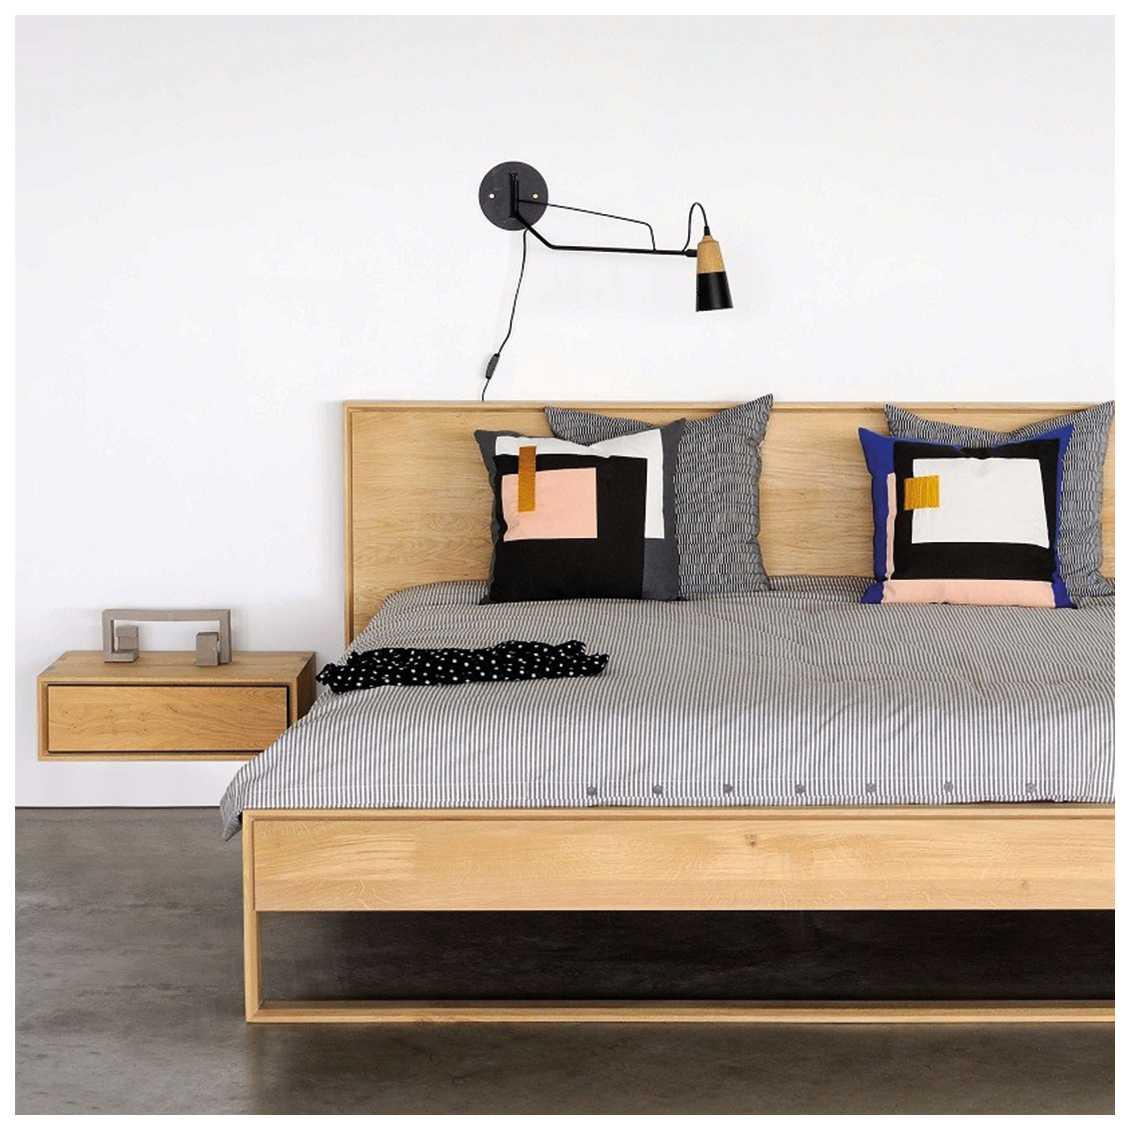 Zwevend houten nachtkastje van Ethnicraft